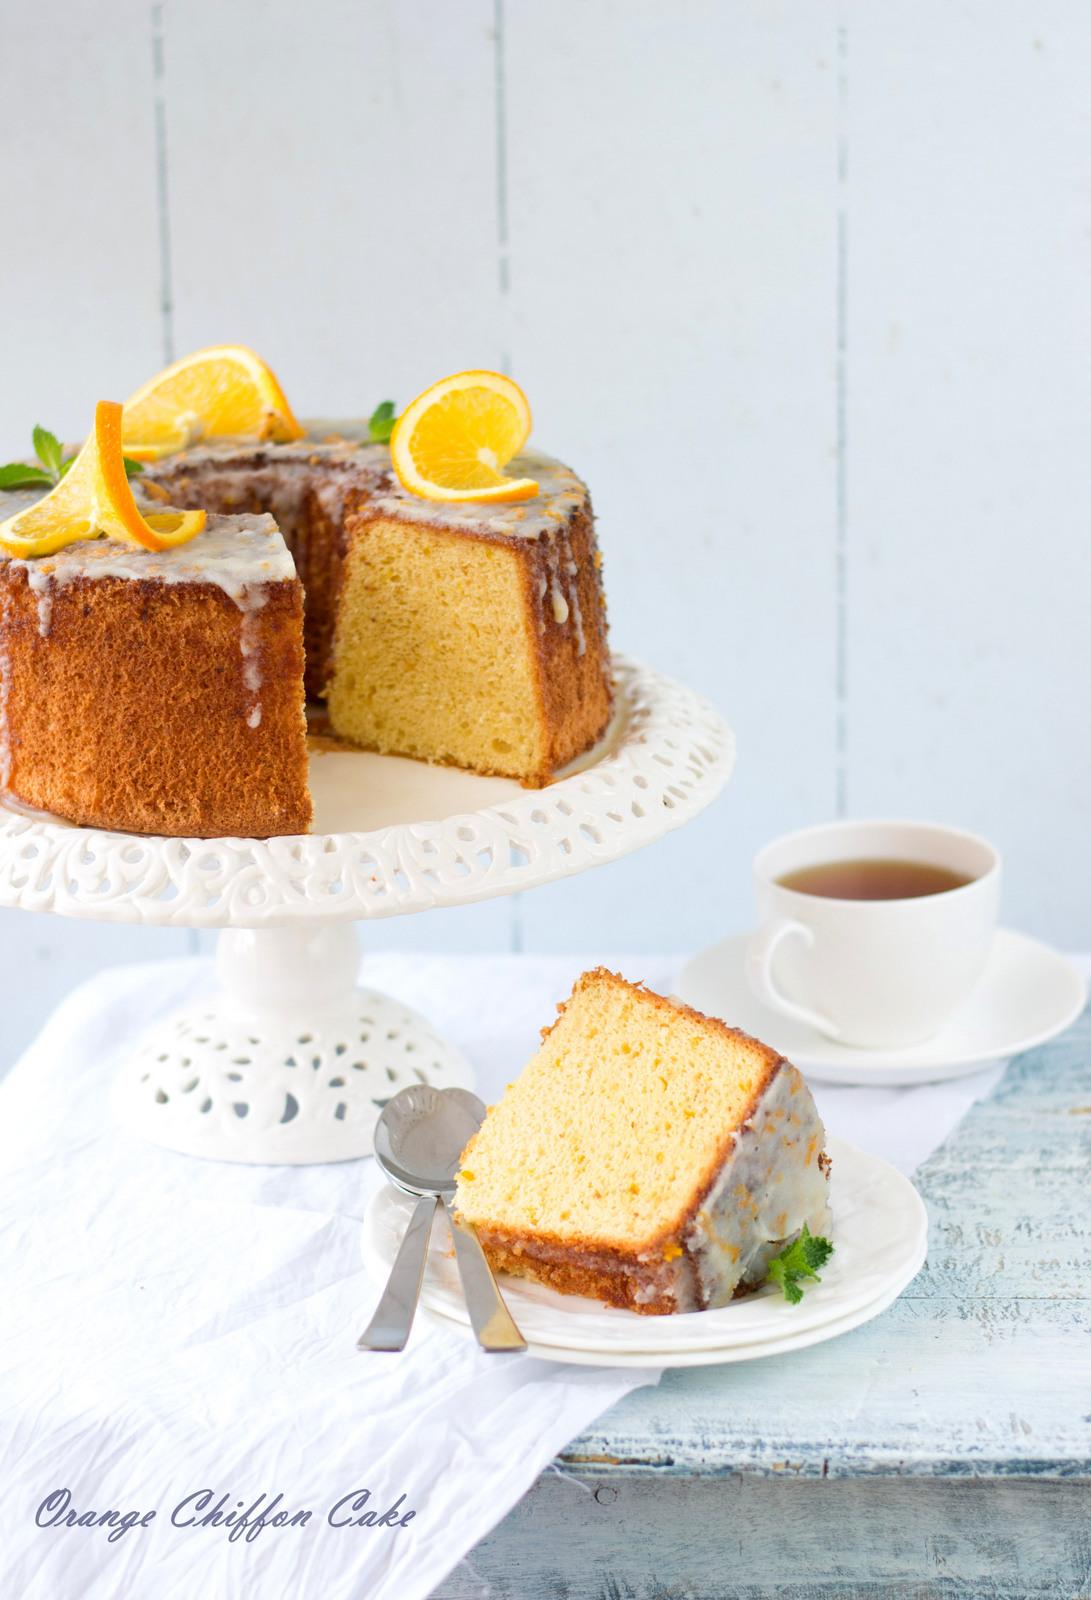 Orange Cake With Ice Cream